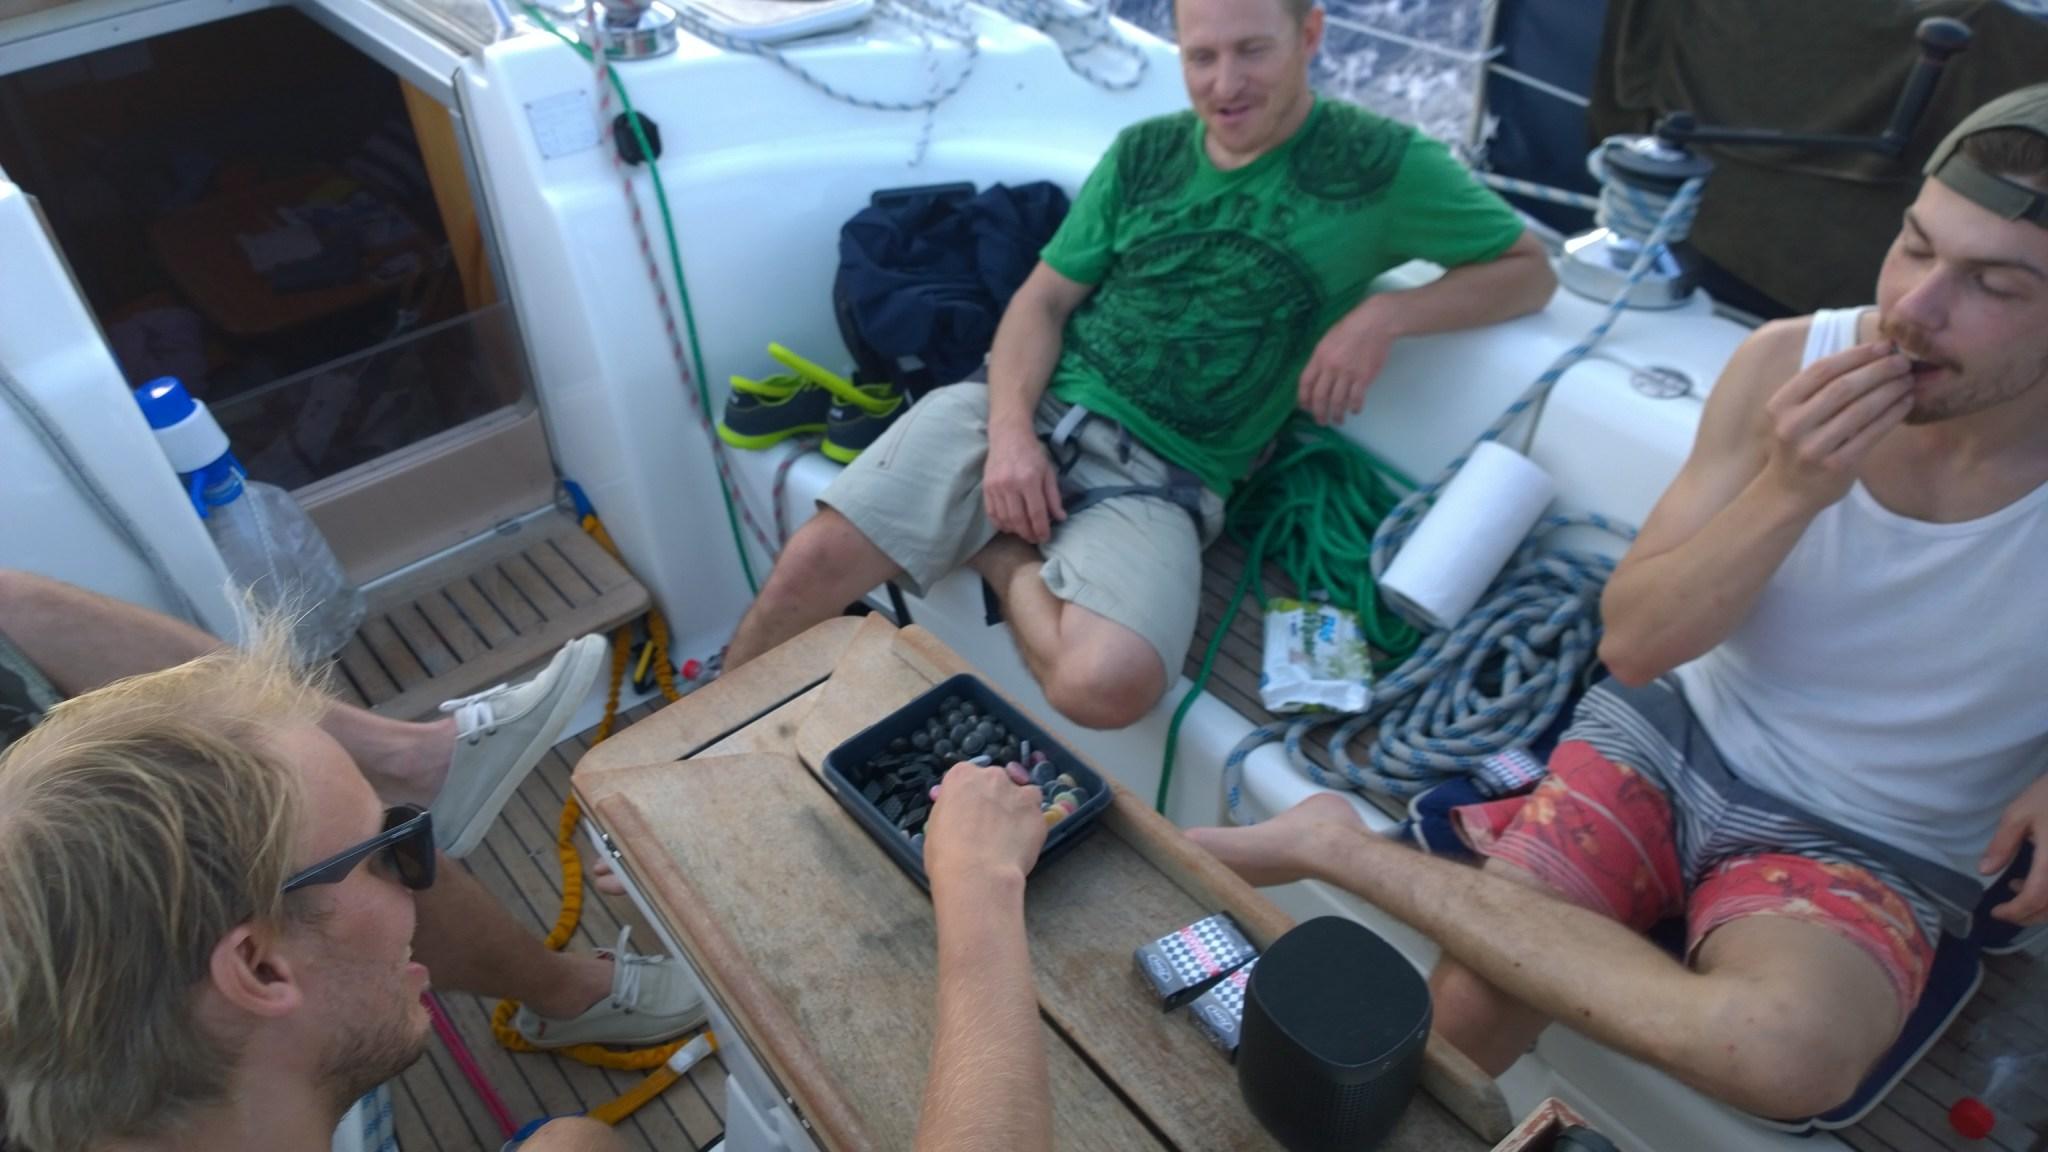 Jos spinnumanööverit ei oikein huvittanut, saatoimme tehdä Pertun kanssa diilin, että saamme karkkipussin, kun purje on vaihdettu tms. Toimi hyvin!